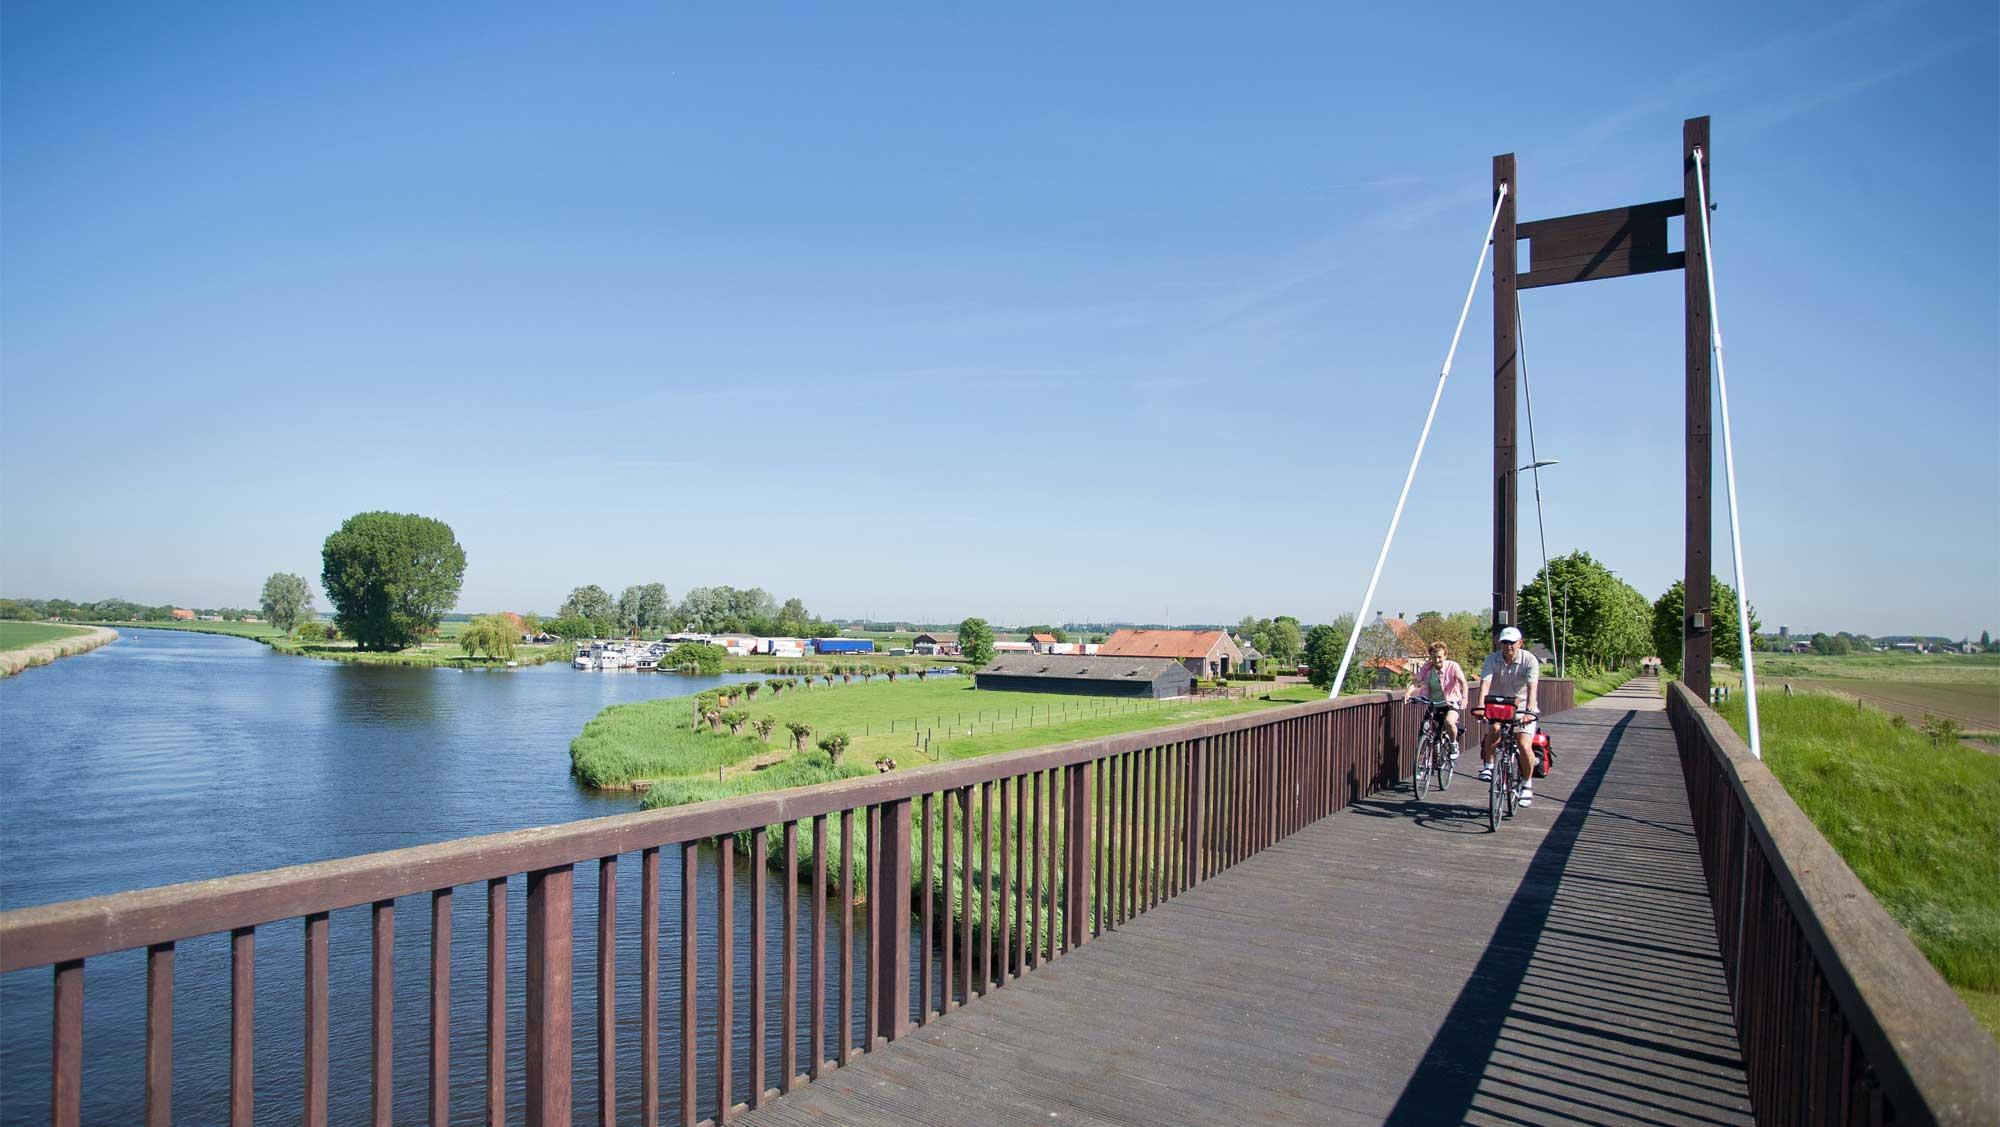 Omgeving Molecaten Park Bosbad Hoeven 03 fietsen